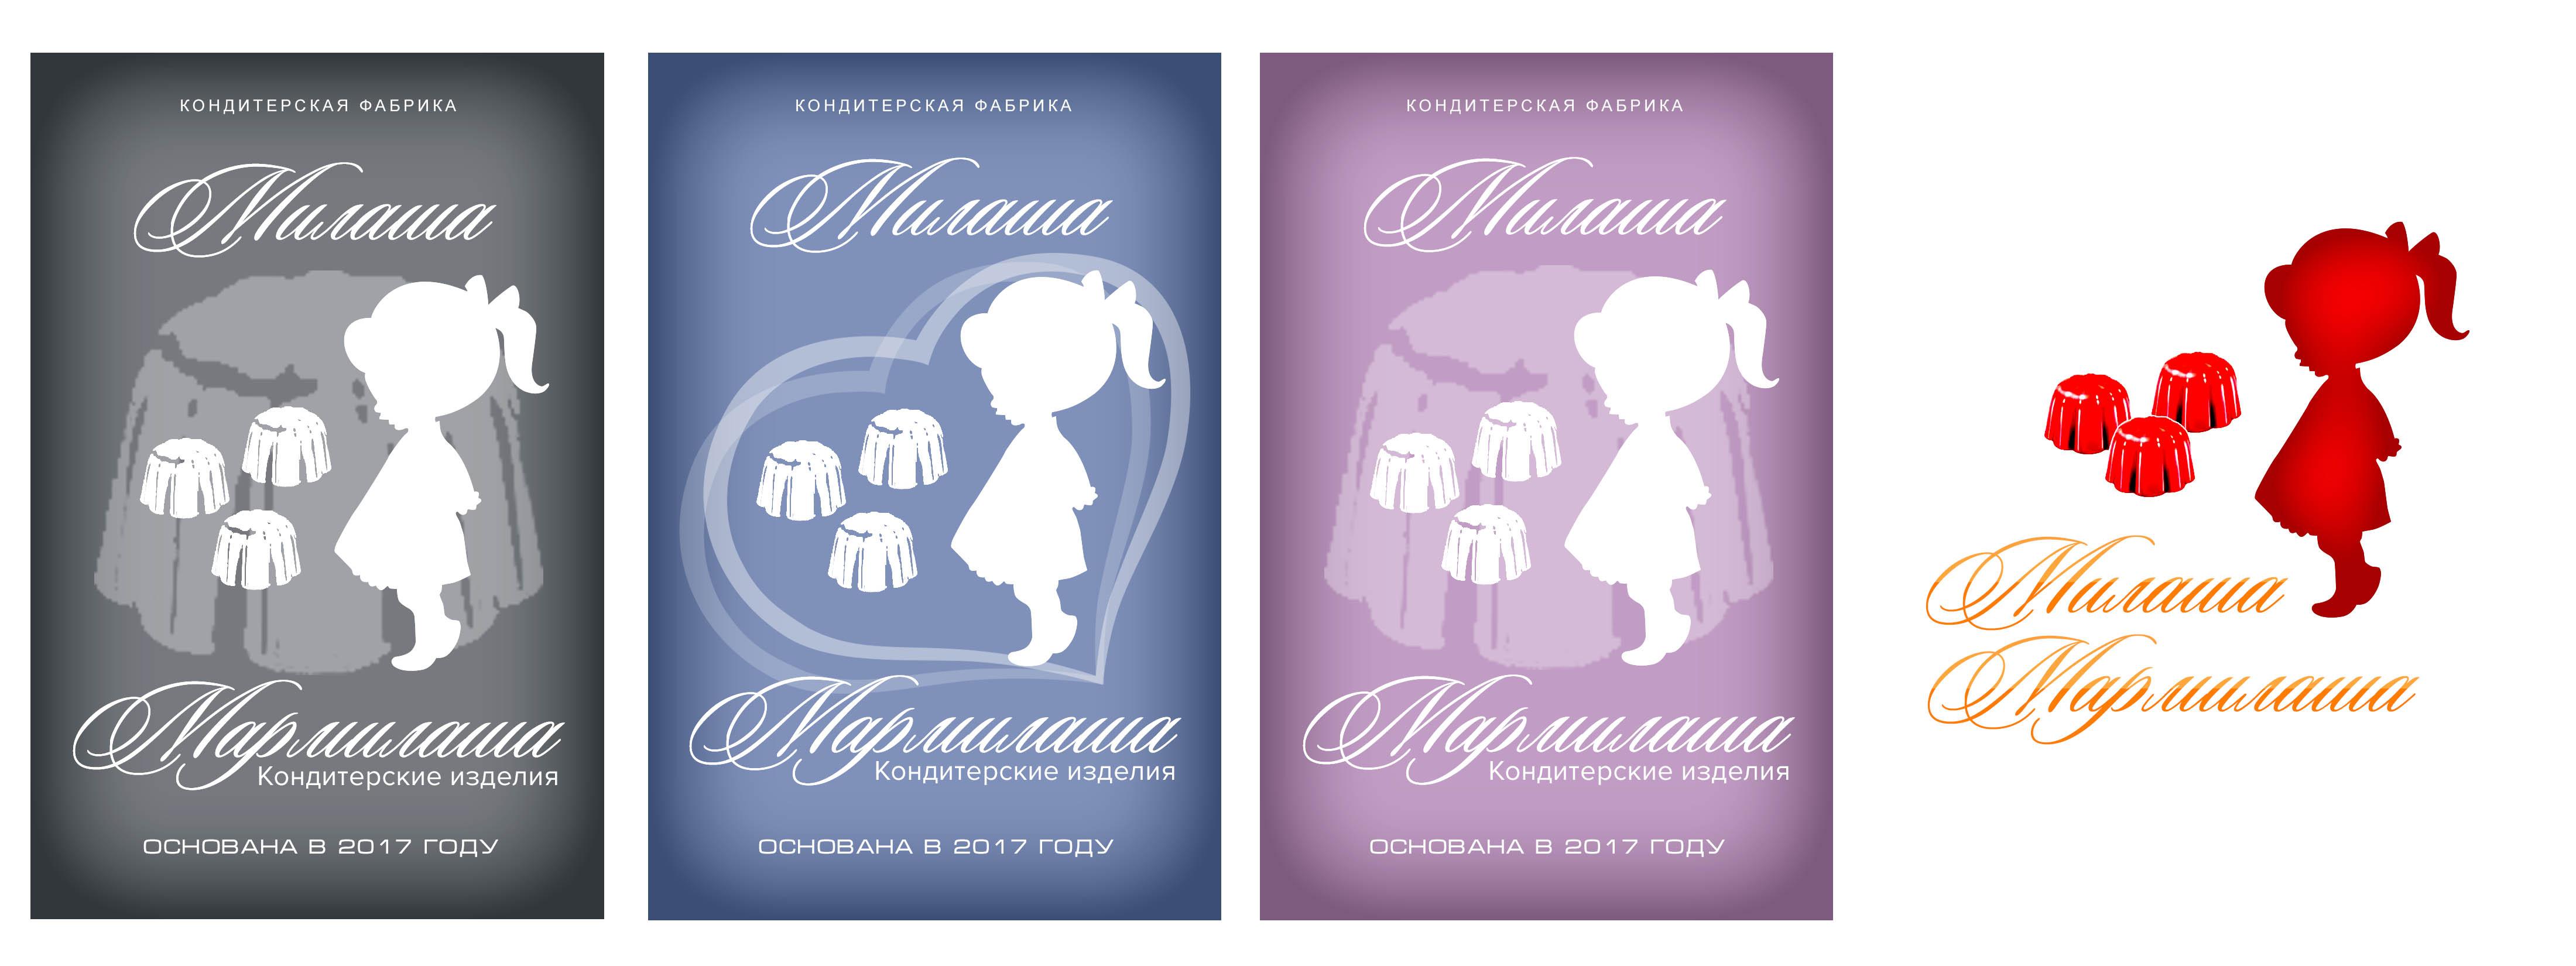 """Логотип для товарного знака """"Милаша-Мармилаша"""" фото f_396587e42b2e1111.jpg"""